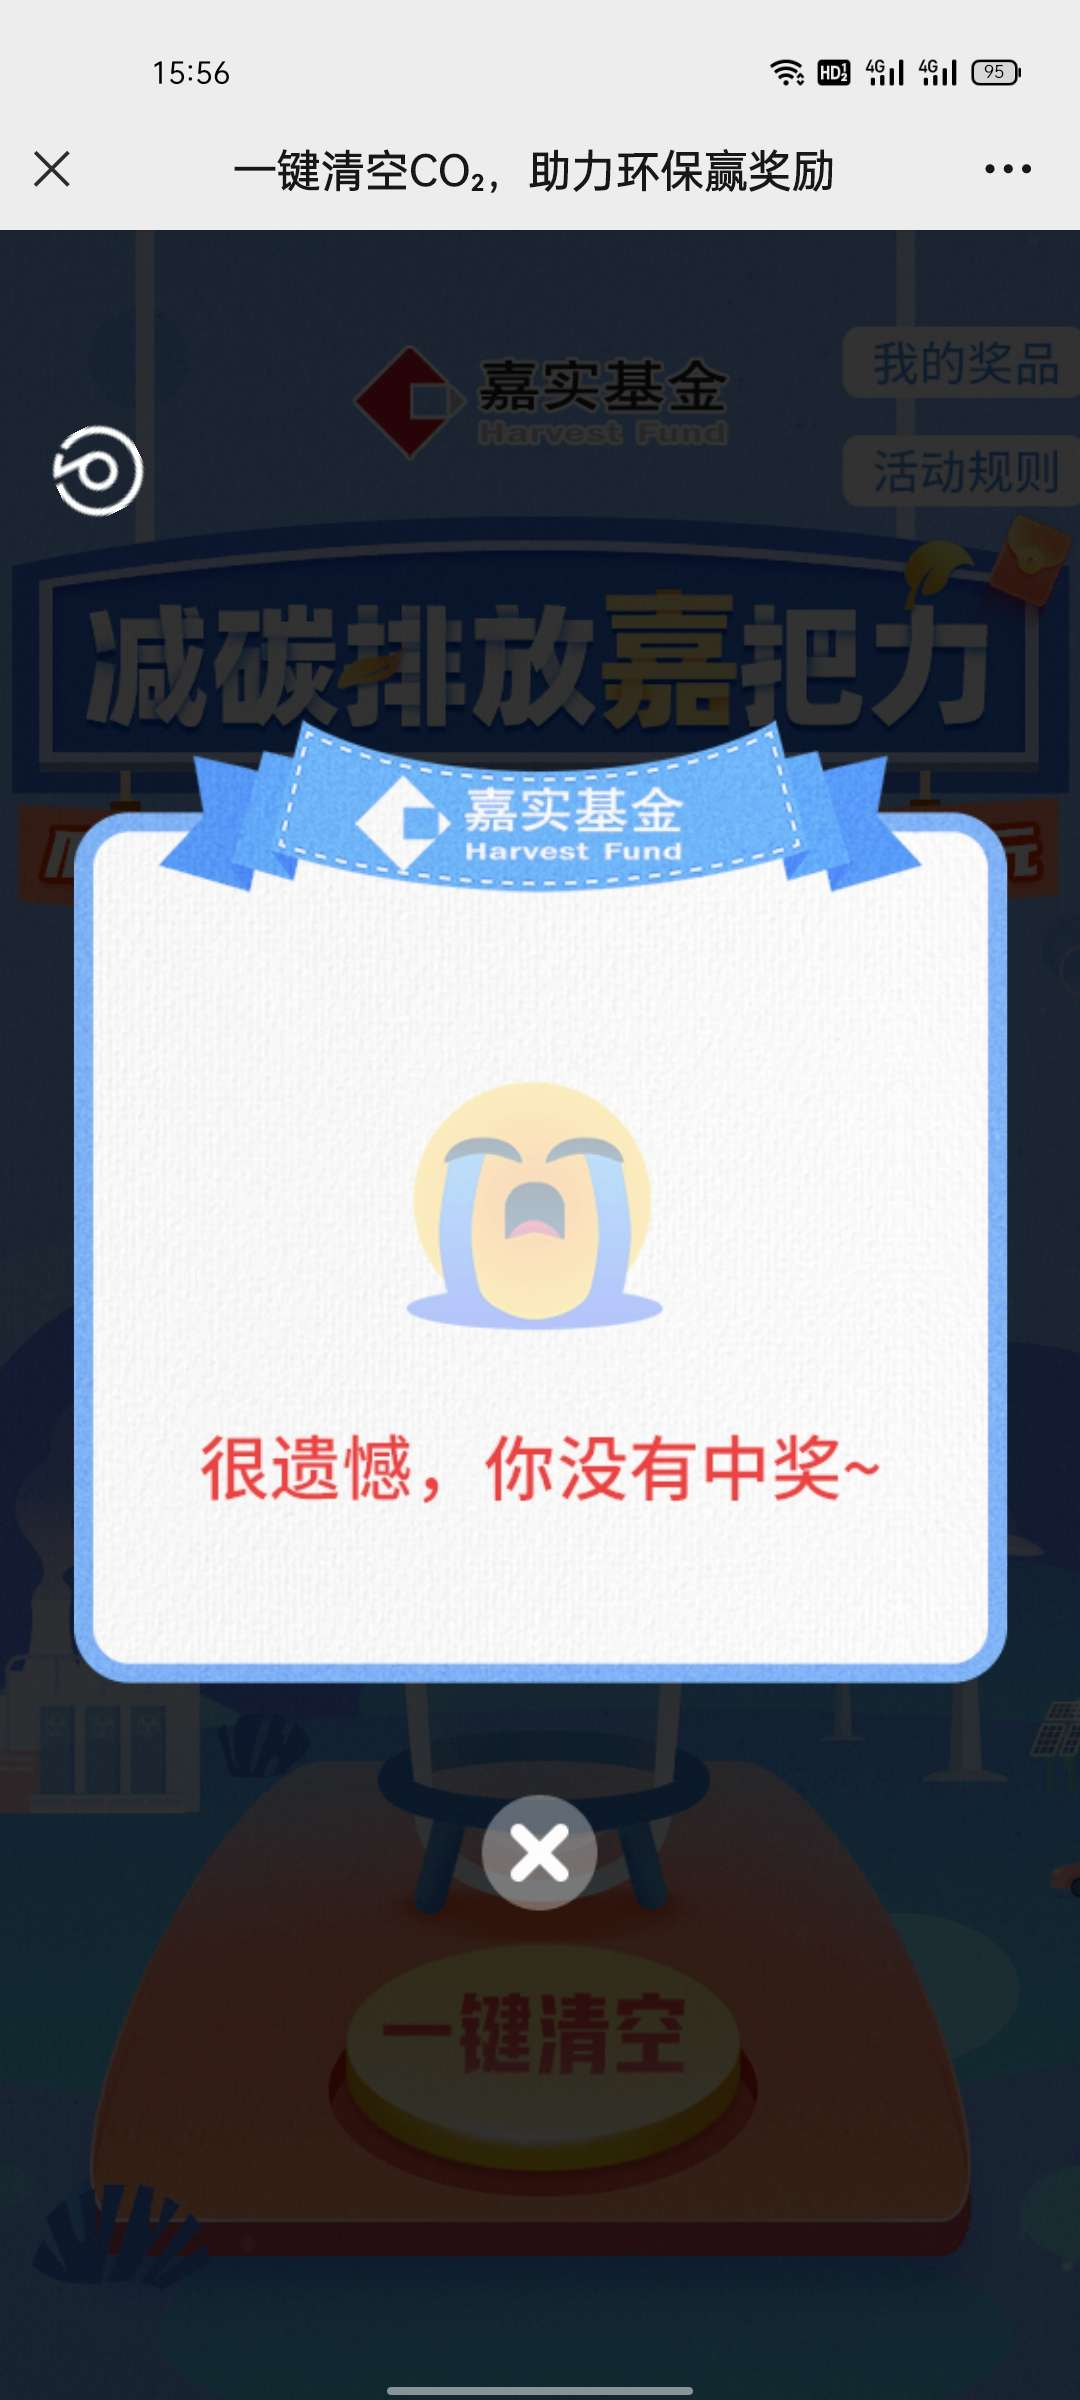 【现金红包】嘉实基金抽取随机微信红包